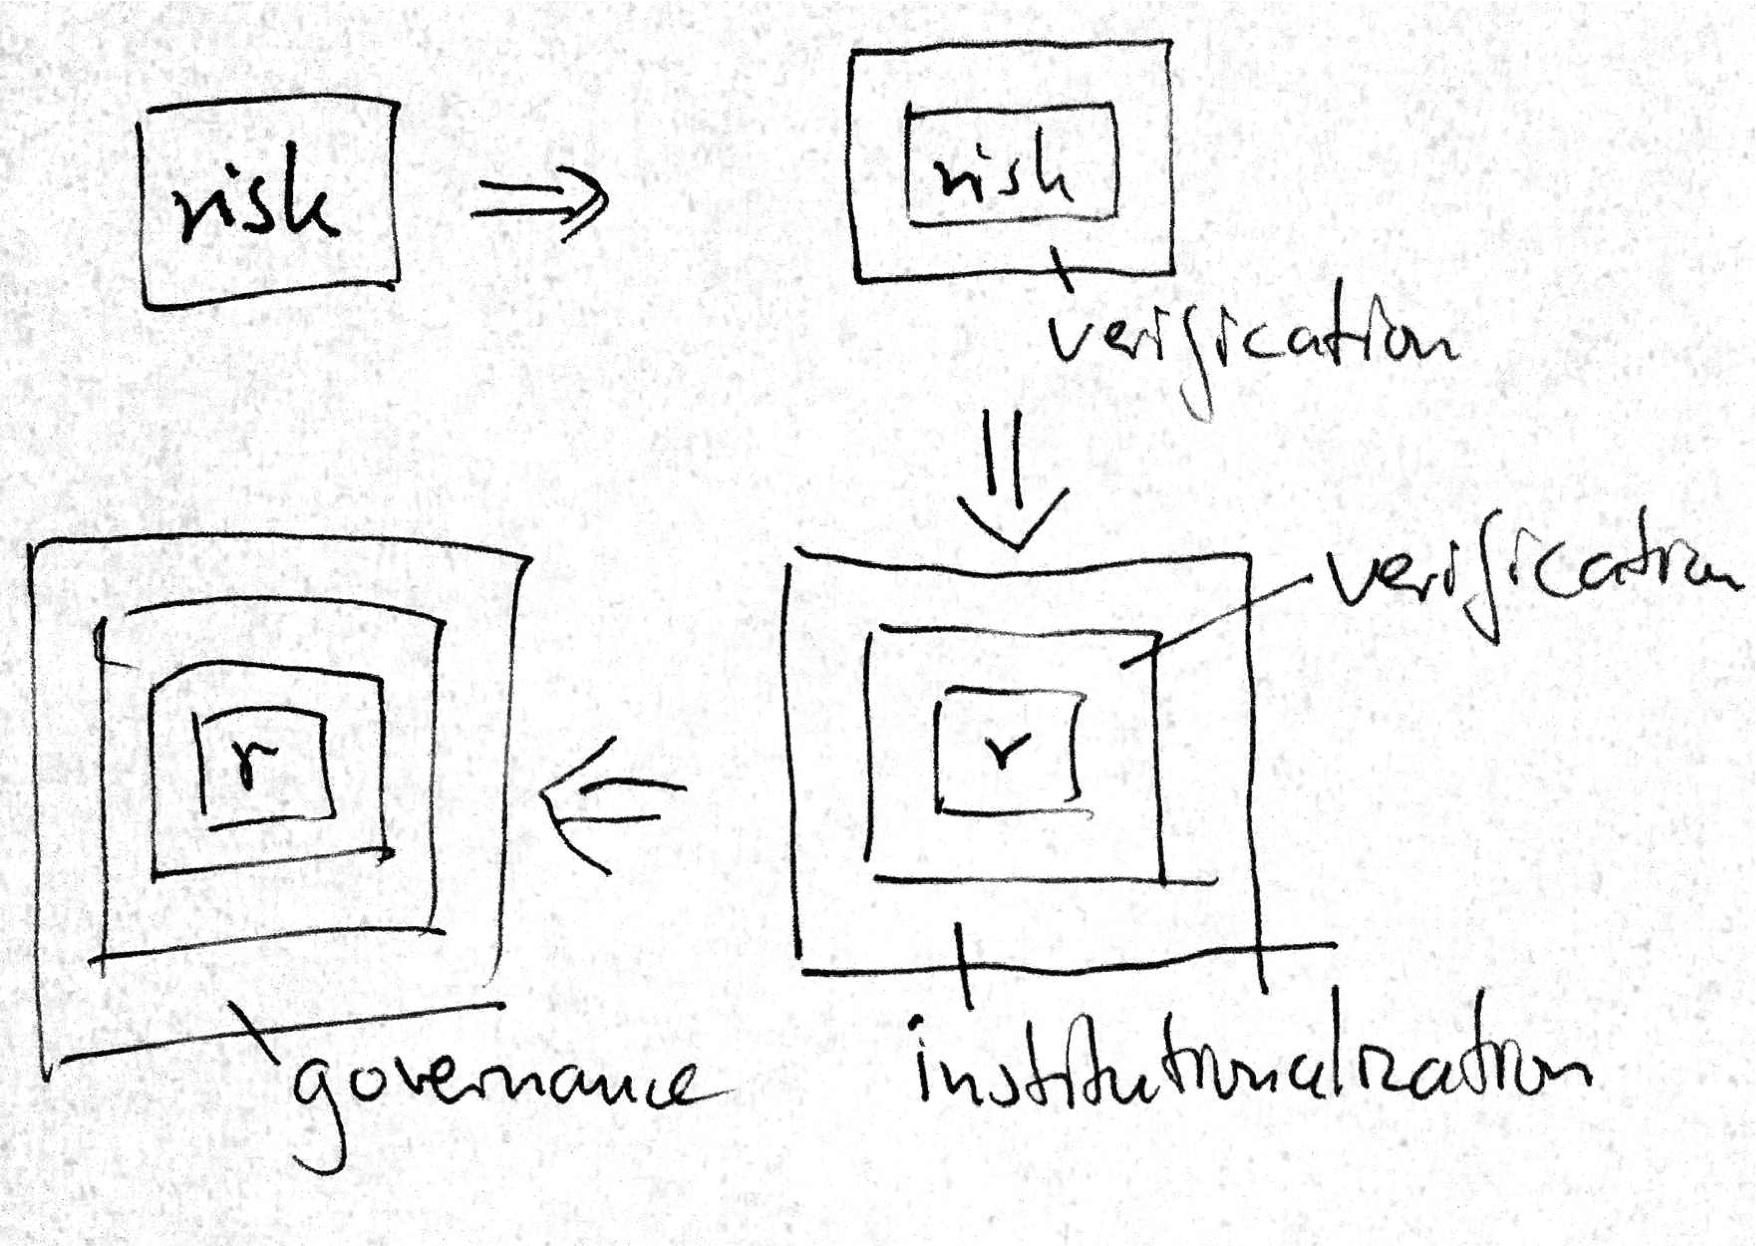 risk_transformation.jpg